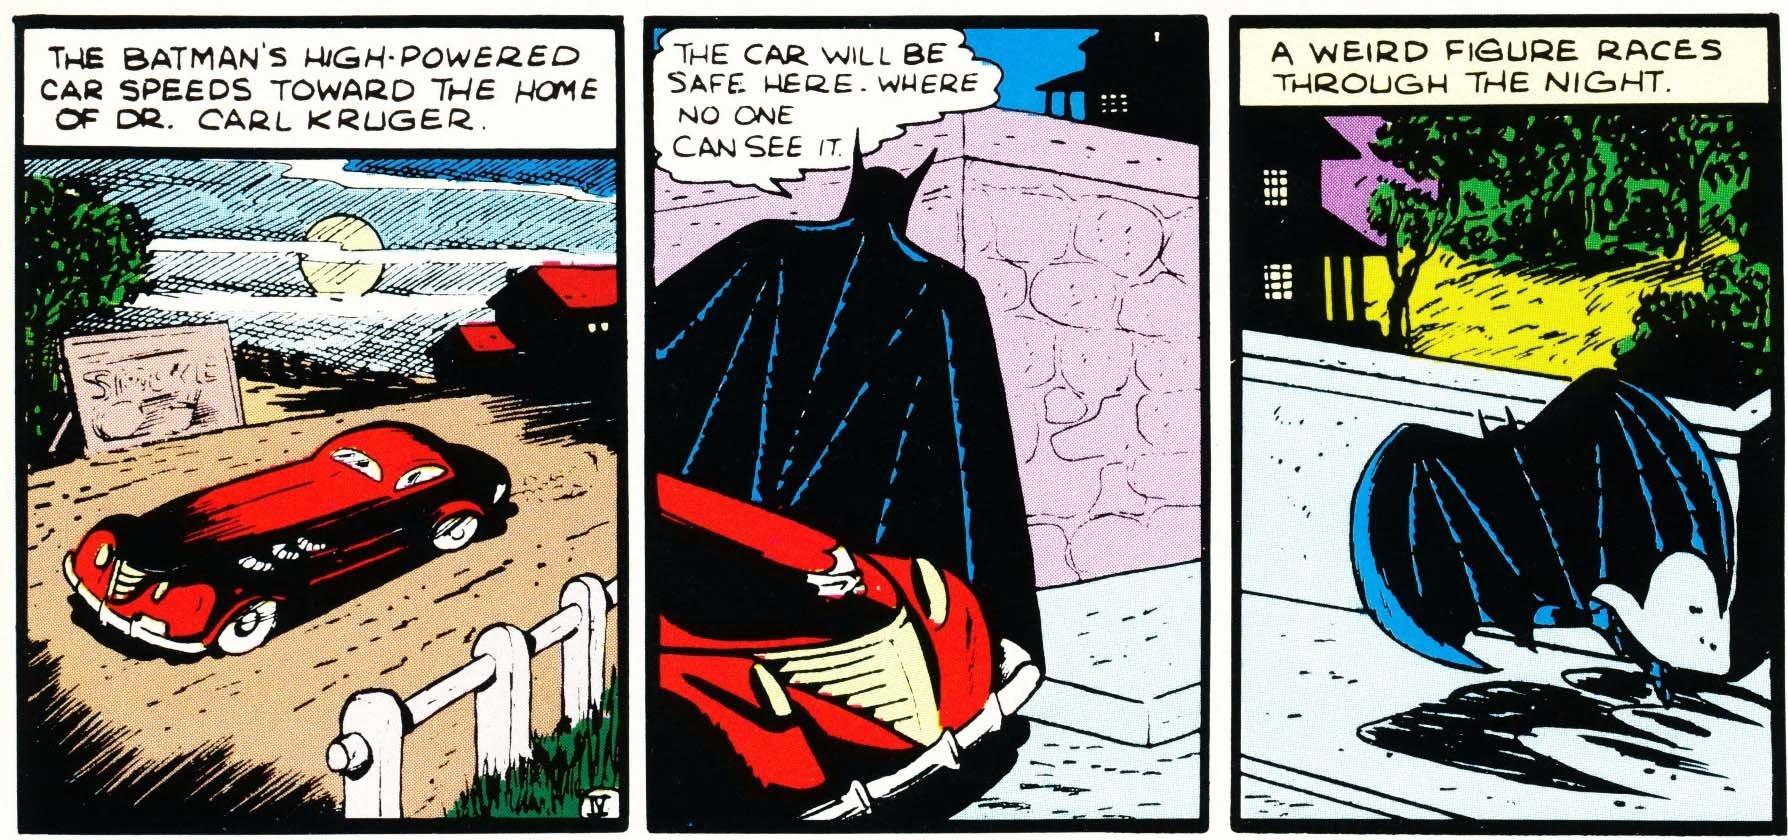 La Batmobile rossa dei fumetti disegnata da Bill Finger